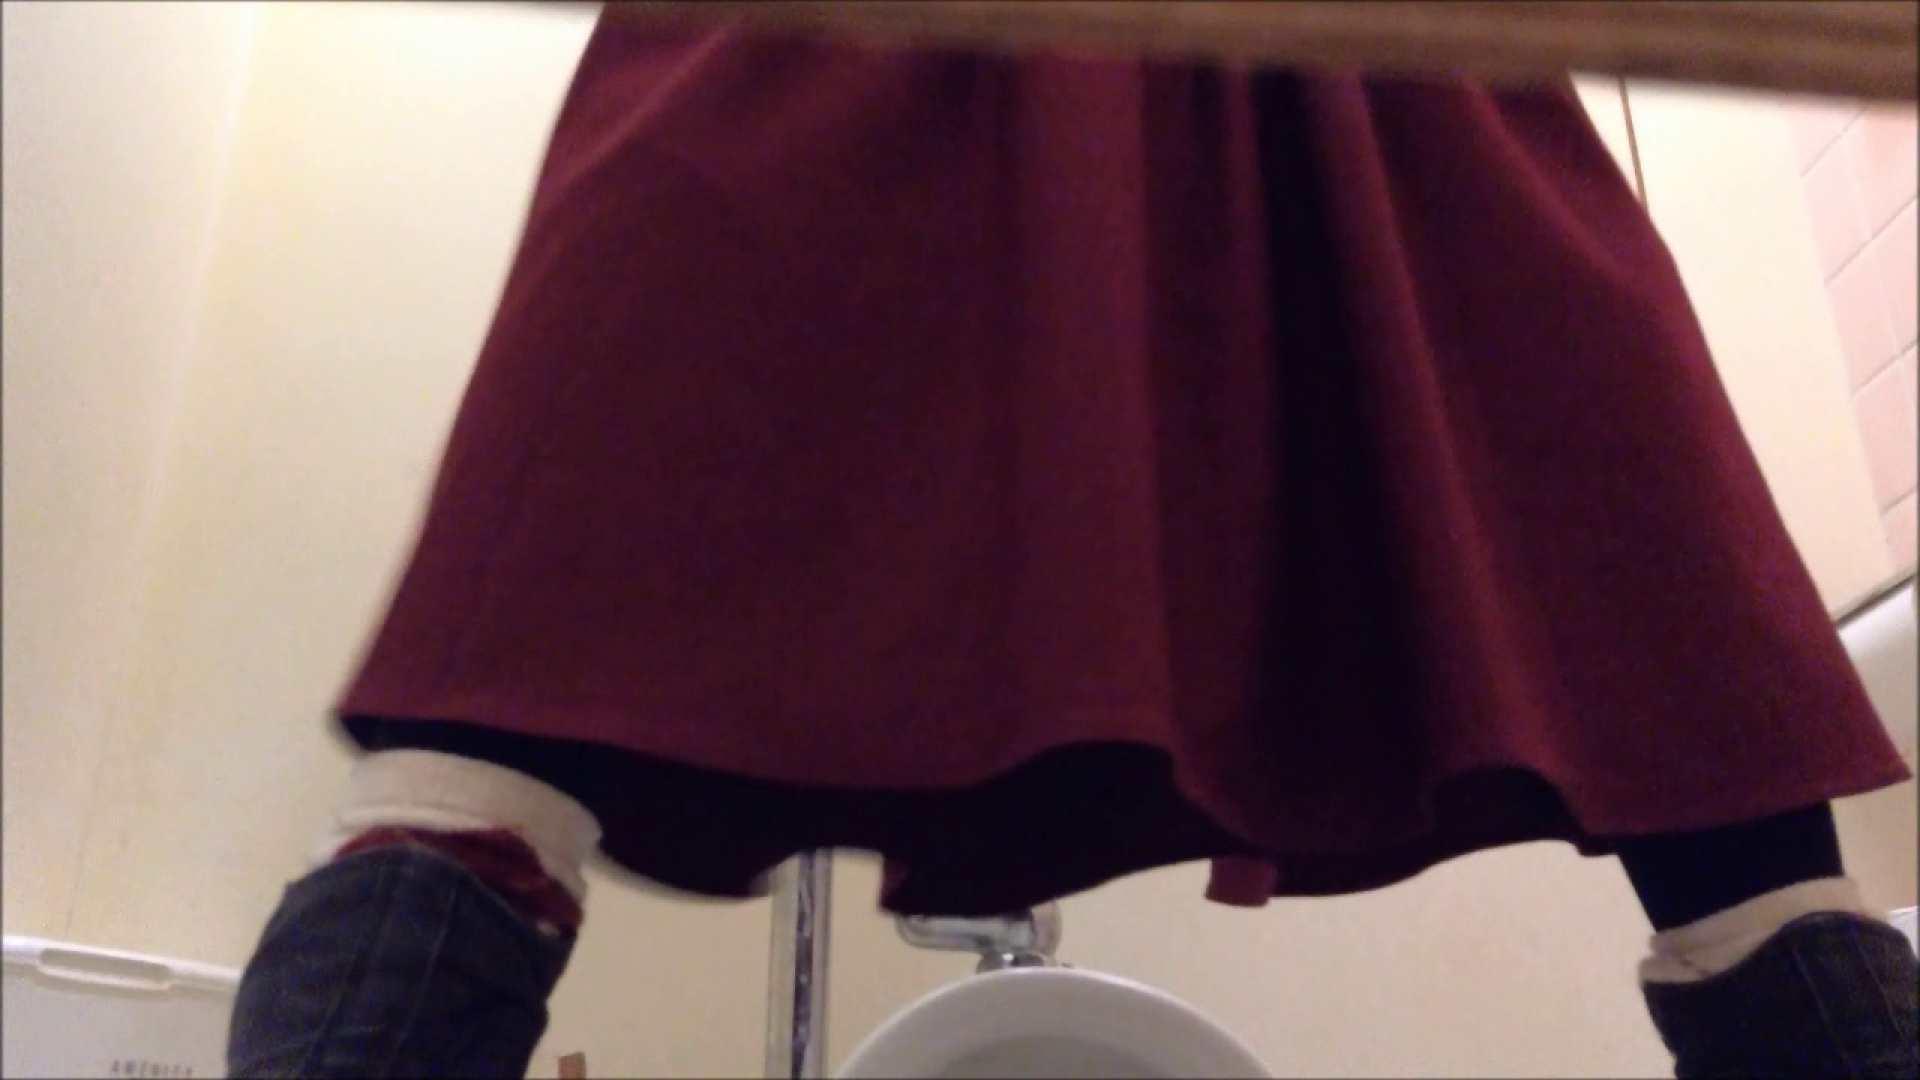 某有名大学女性洗面所 vol.12 丸見え 濡れ場動画紹介 96画像 75